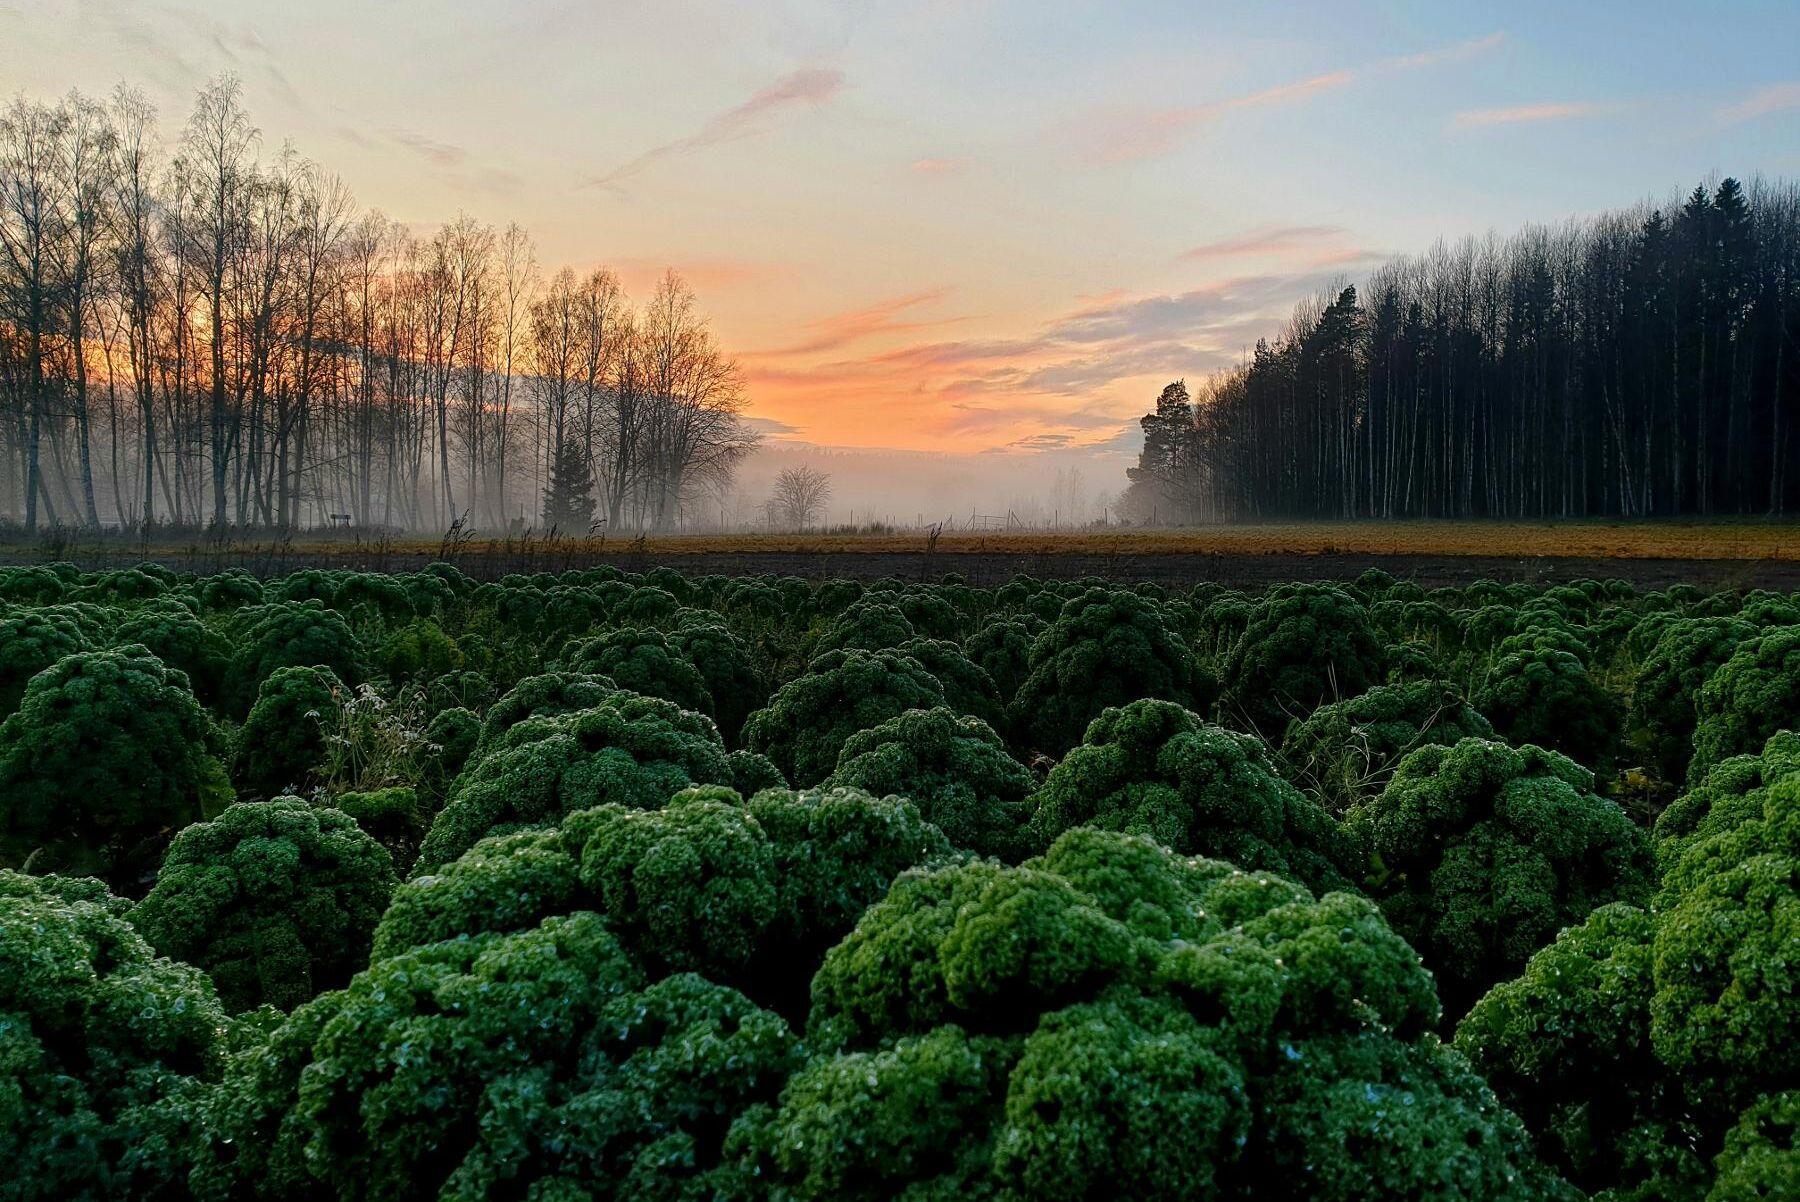 Vanligtvis skördas grönkål fram till mitten av januari men med minskad efterfrågan tror Ulf Engström att det blir en längre period denna gången.